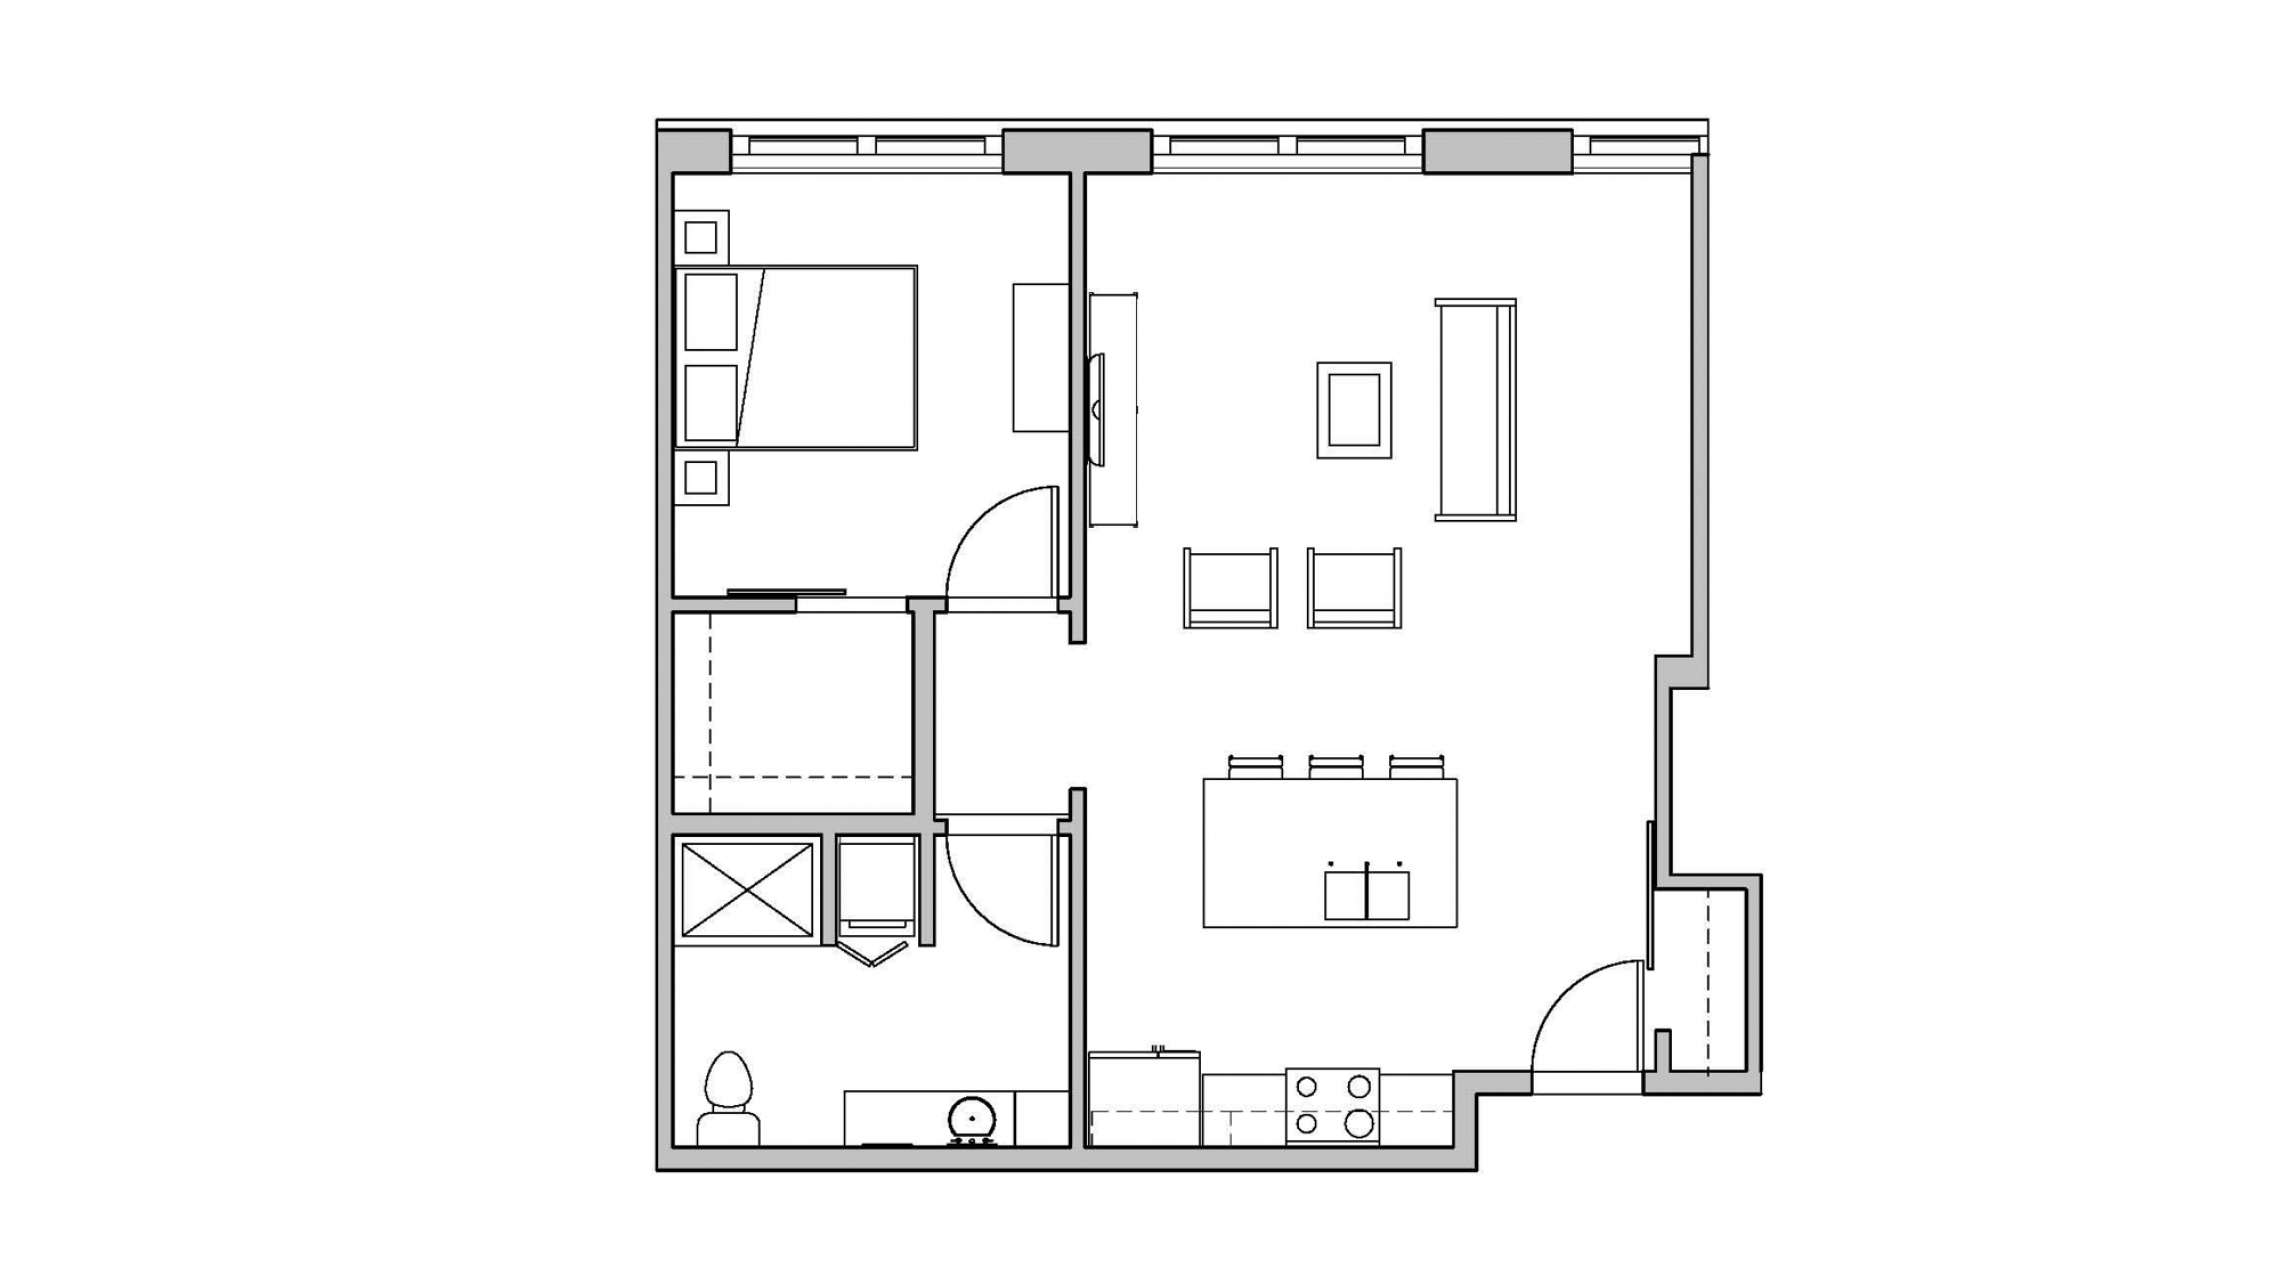 ULI Seven27 114 - One Bedroom, One Bathroom